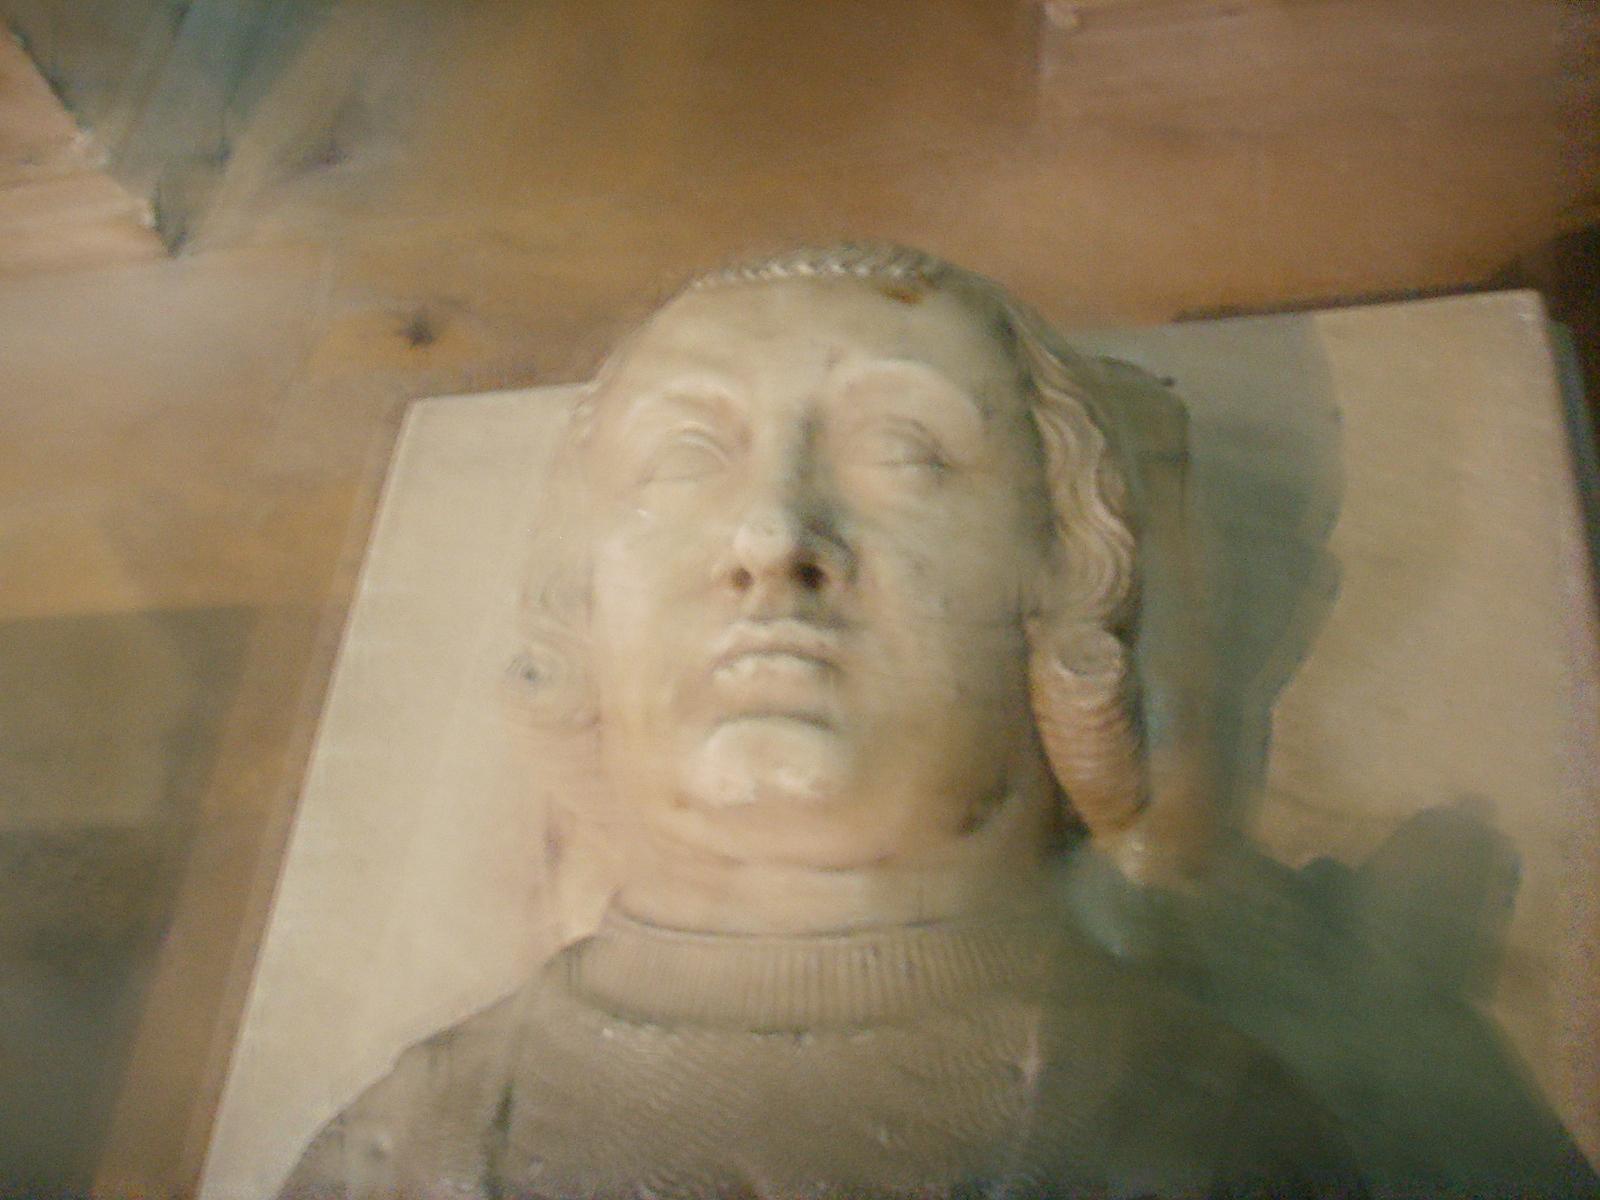 Kopf der Statue von Karl I. von Valois in St. Denis (Grab)